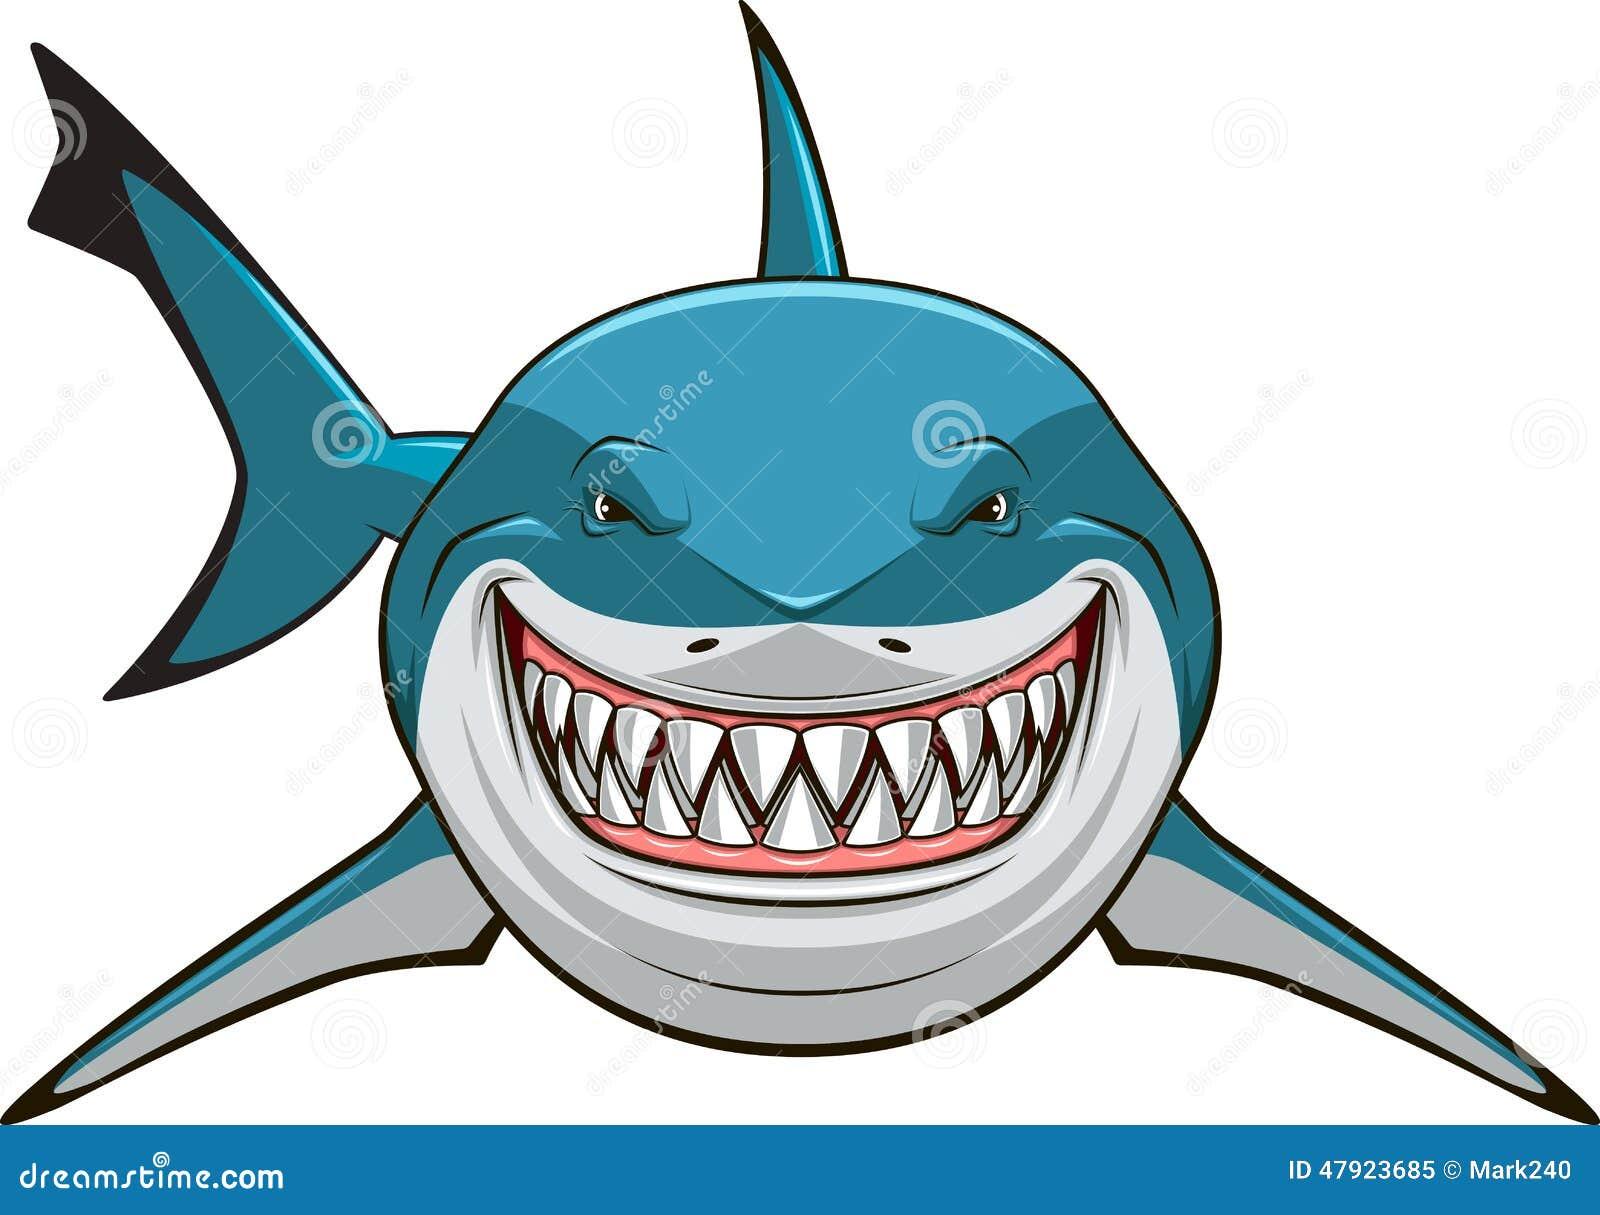 shark teeth template - wei er haifisch vektor abbildung bild 47923685